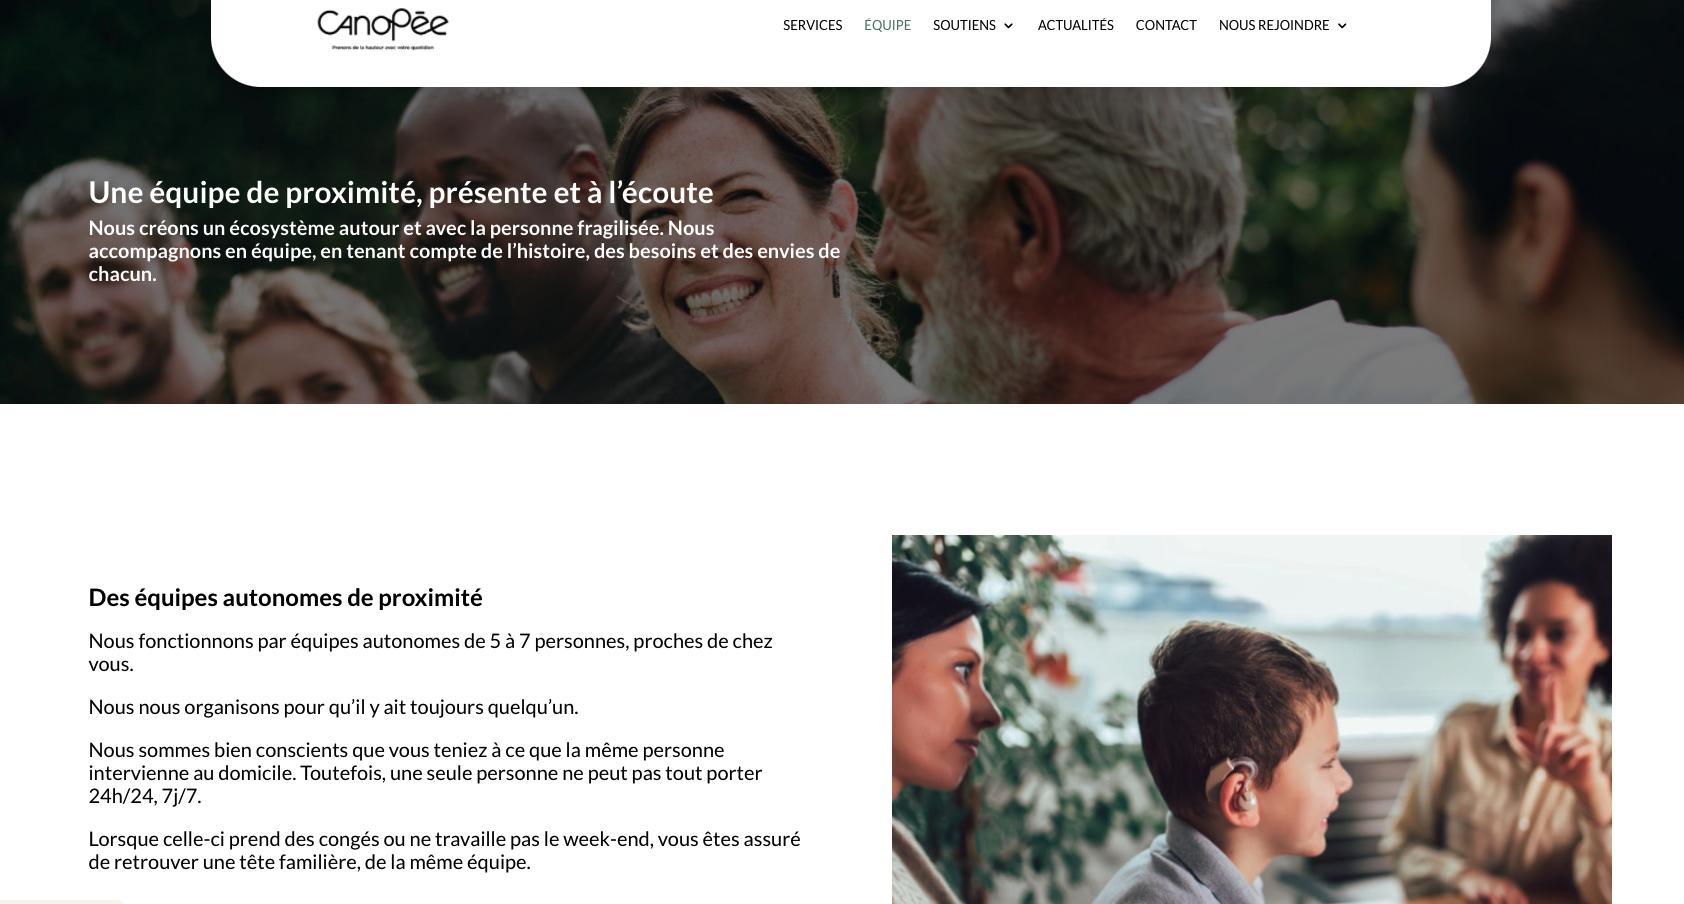 Site internet de l'entreprise Canopée